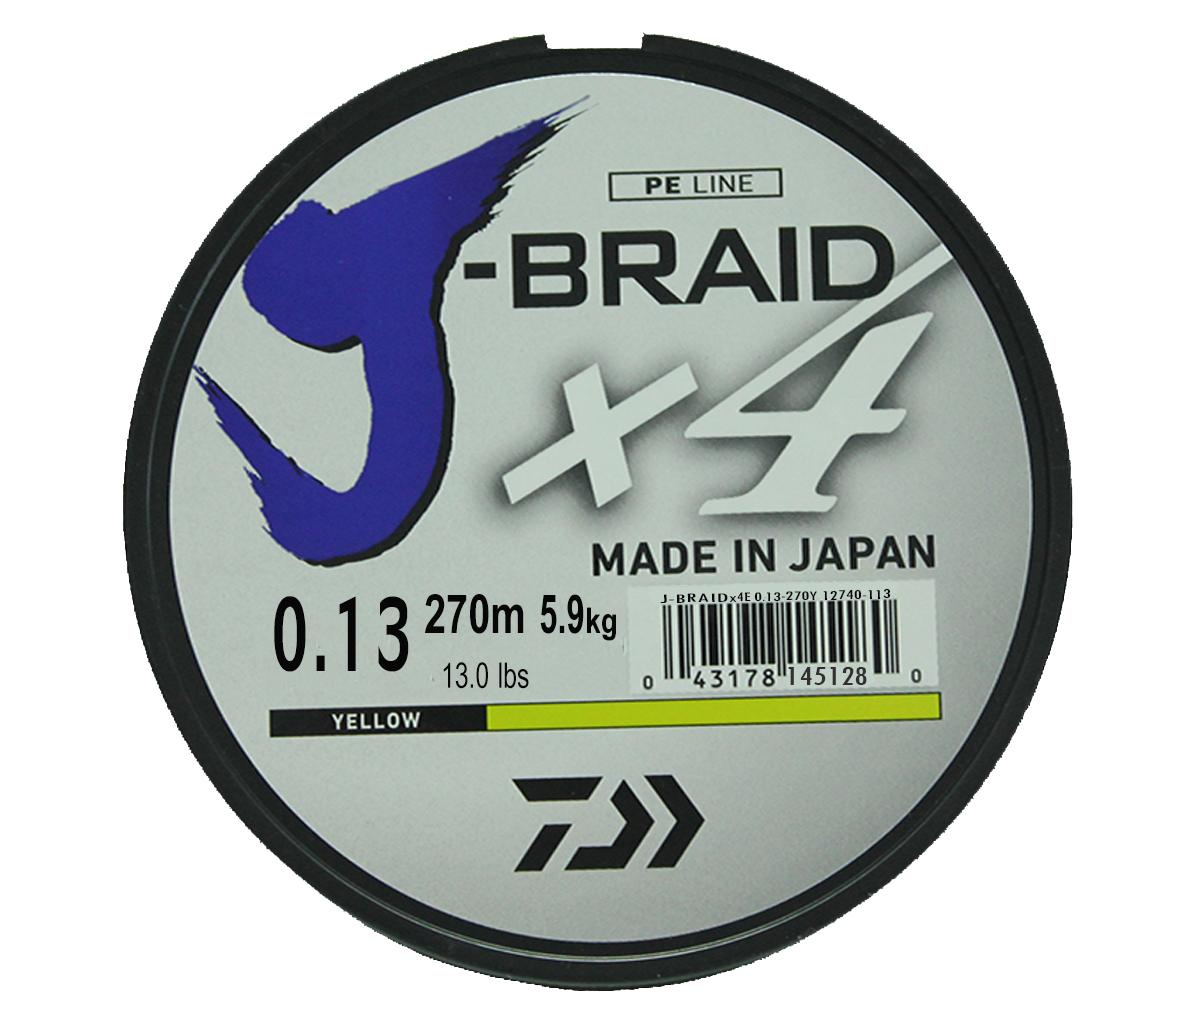 Шнур плетеный Daiwa J-Braid X4, цвет: флуоресцентный желтый, 270 м, 0,13 мм61147Новый четырехжильный шнур J-Braid от Daiwa - шнур высокого класса с удивительным соотношением цены и качества. Качество плетения полностью соответствует японским стандартам и удовлетворяет всем требованиям. Представленные диаметры позволяют использовать шнур для всех техник ловли, начиная от Ultra-Light ловли окуня, до морской ловли палтуса, трески и так далее.